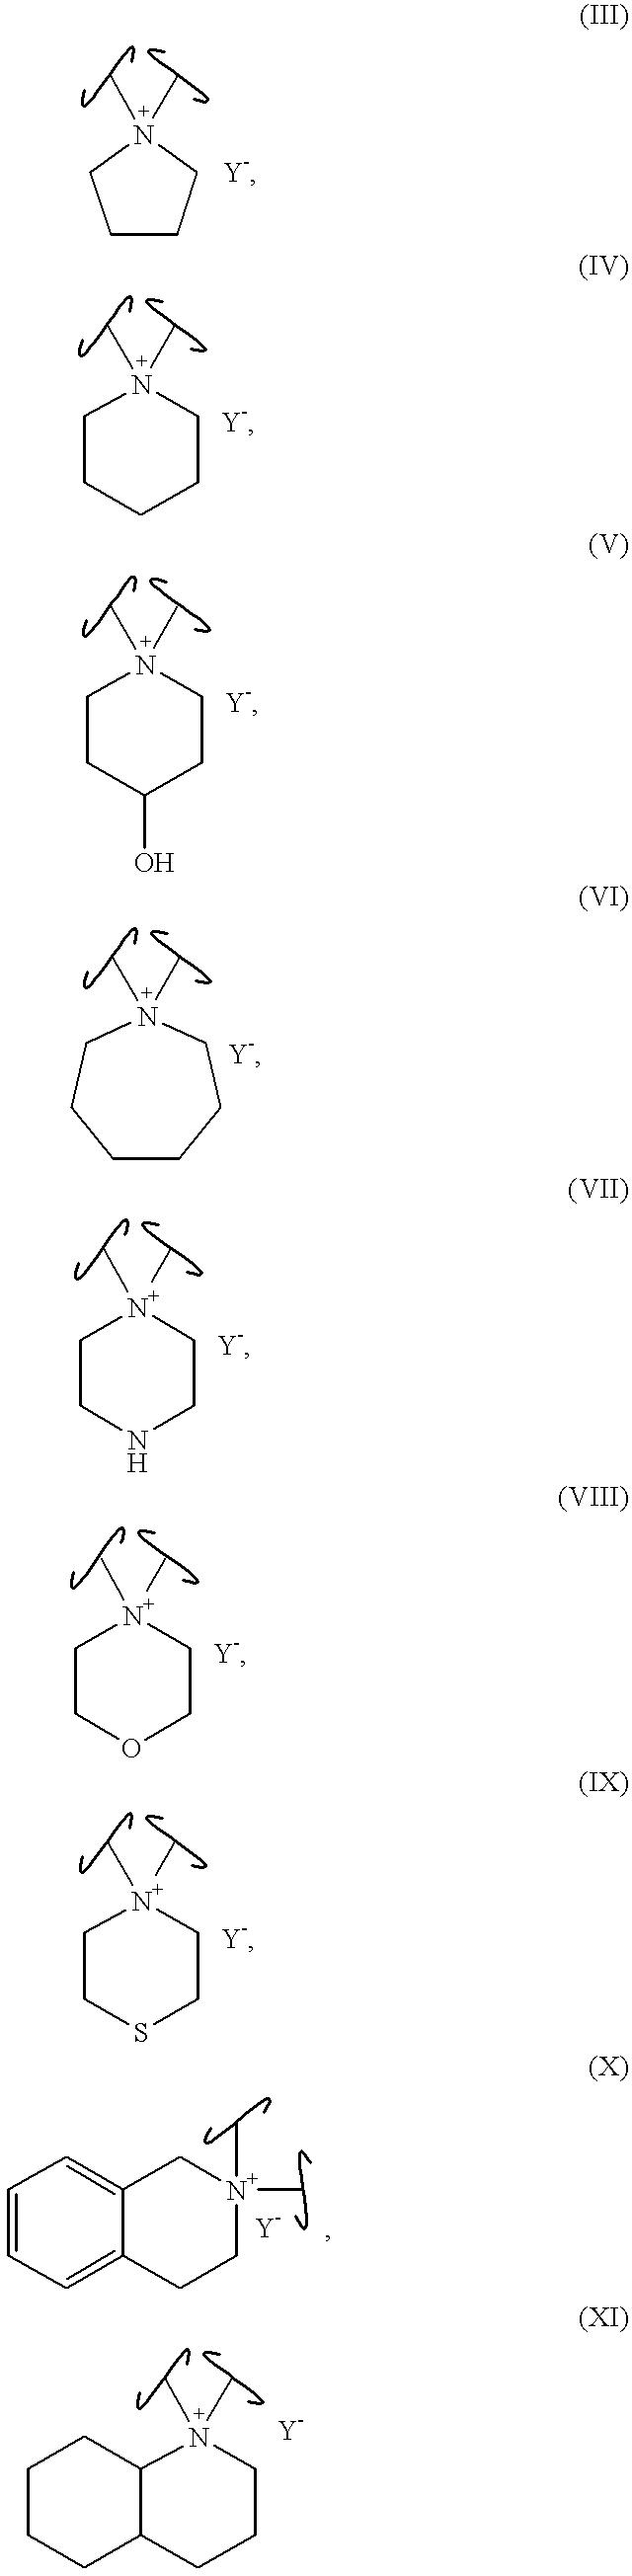 Figure US06271264-20010807-C00002